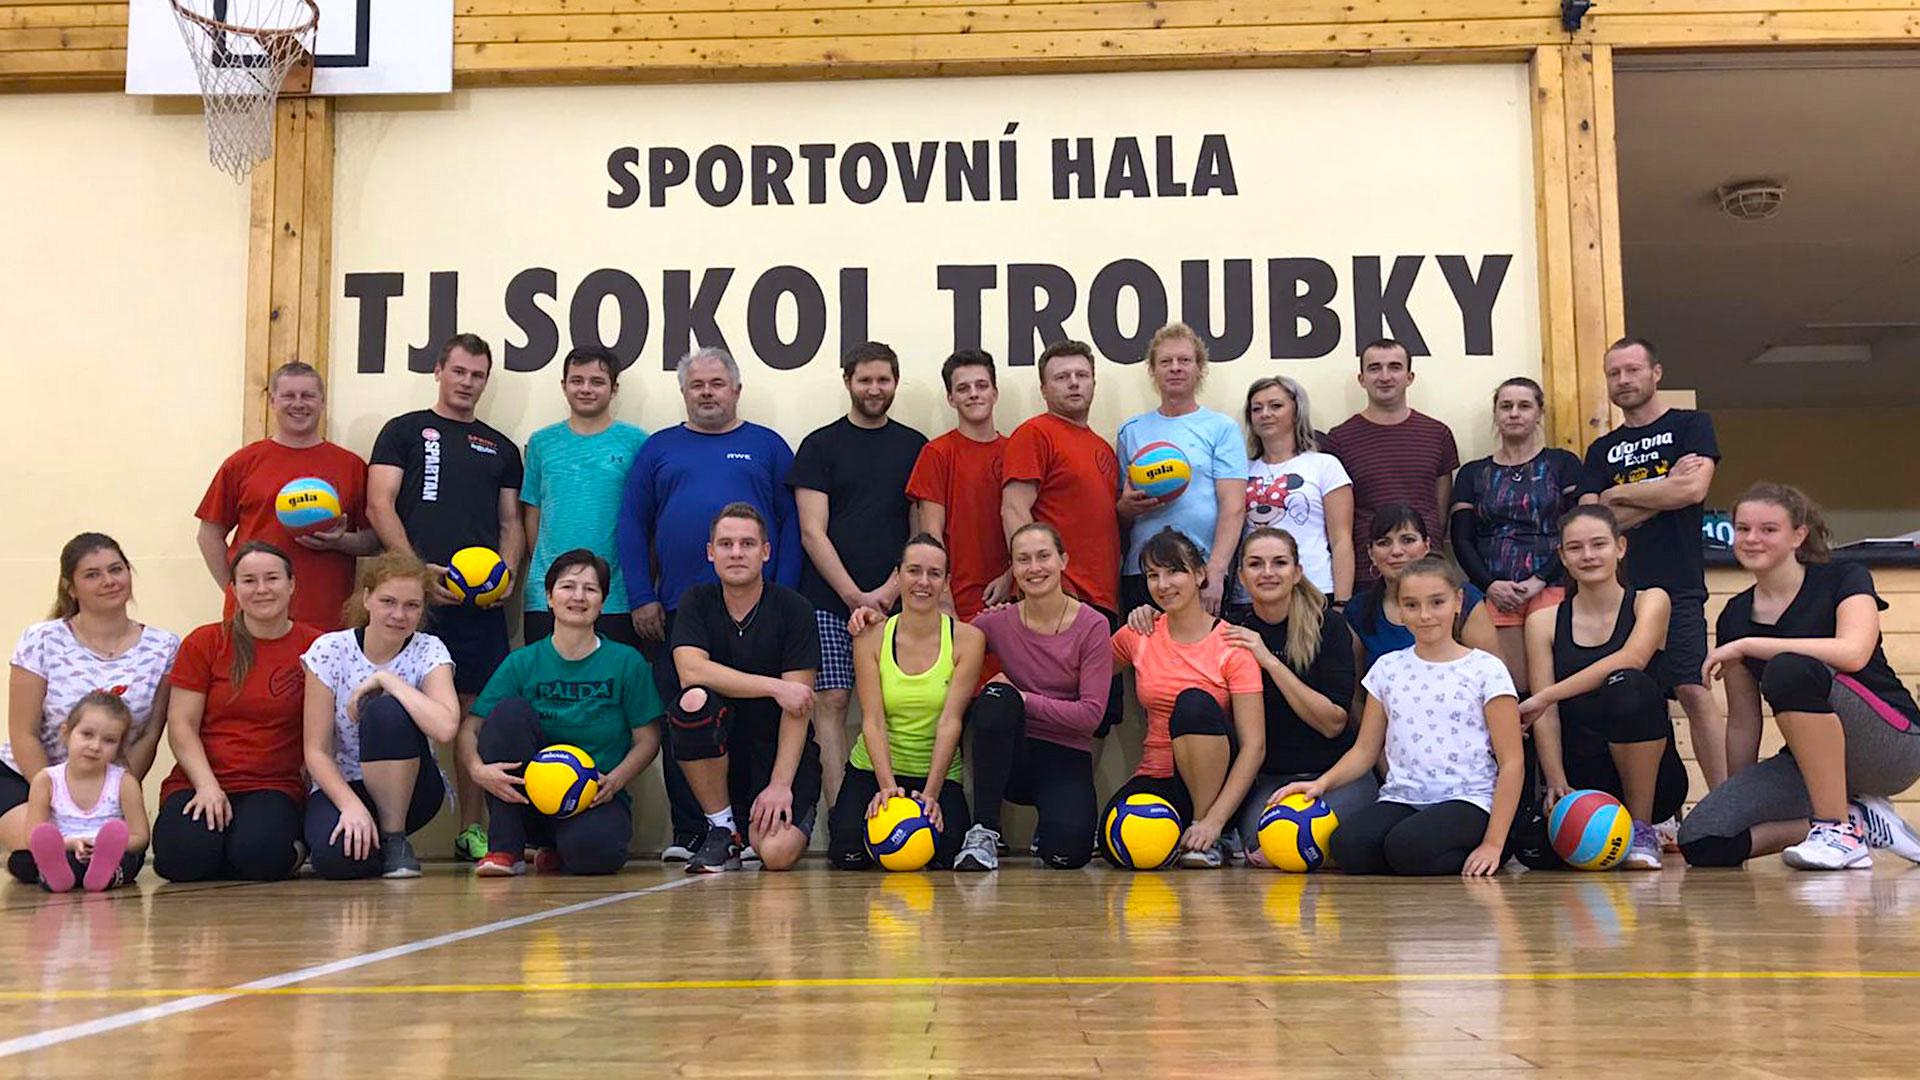 nadační fond český volejbal 100 let troubky